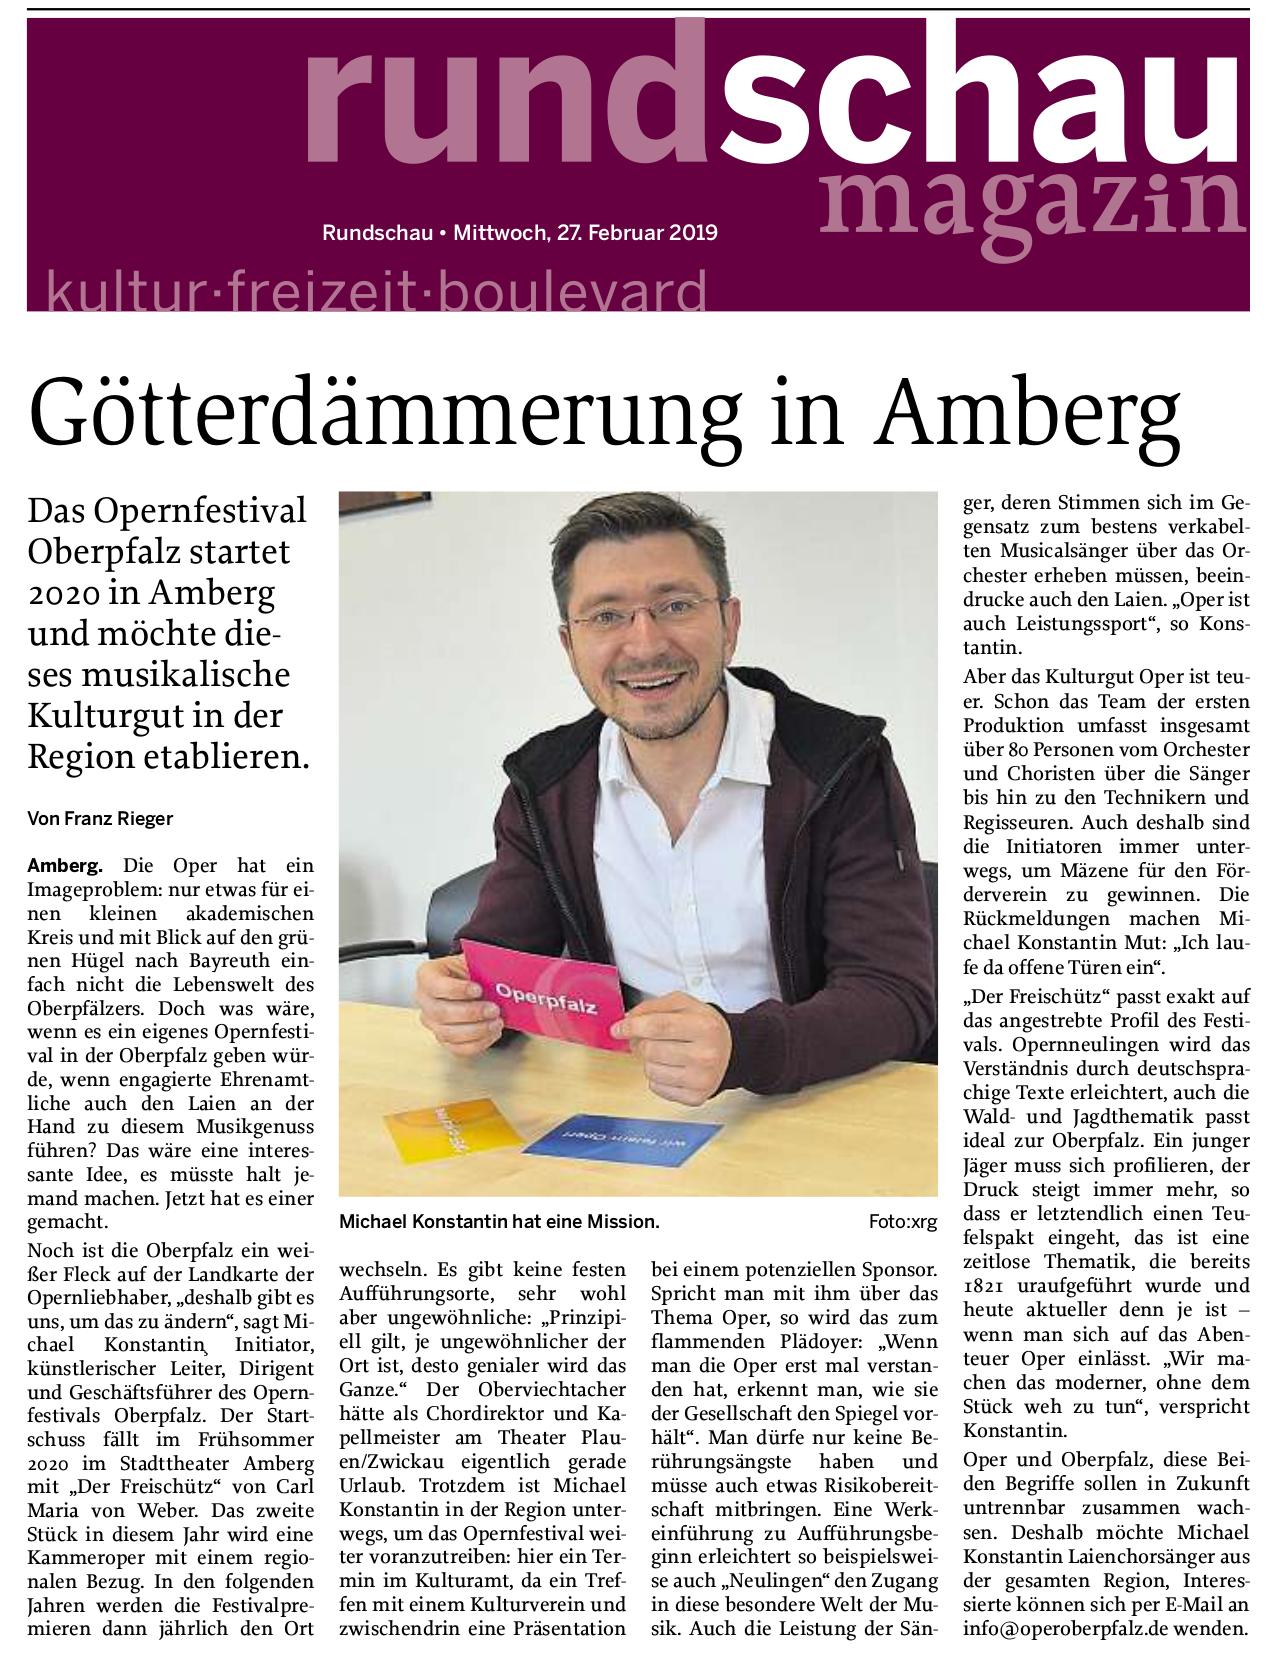 Opernfestival Oberpfalz, Interview im Rundschau Magazin zur Saison 2020 in Amberg